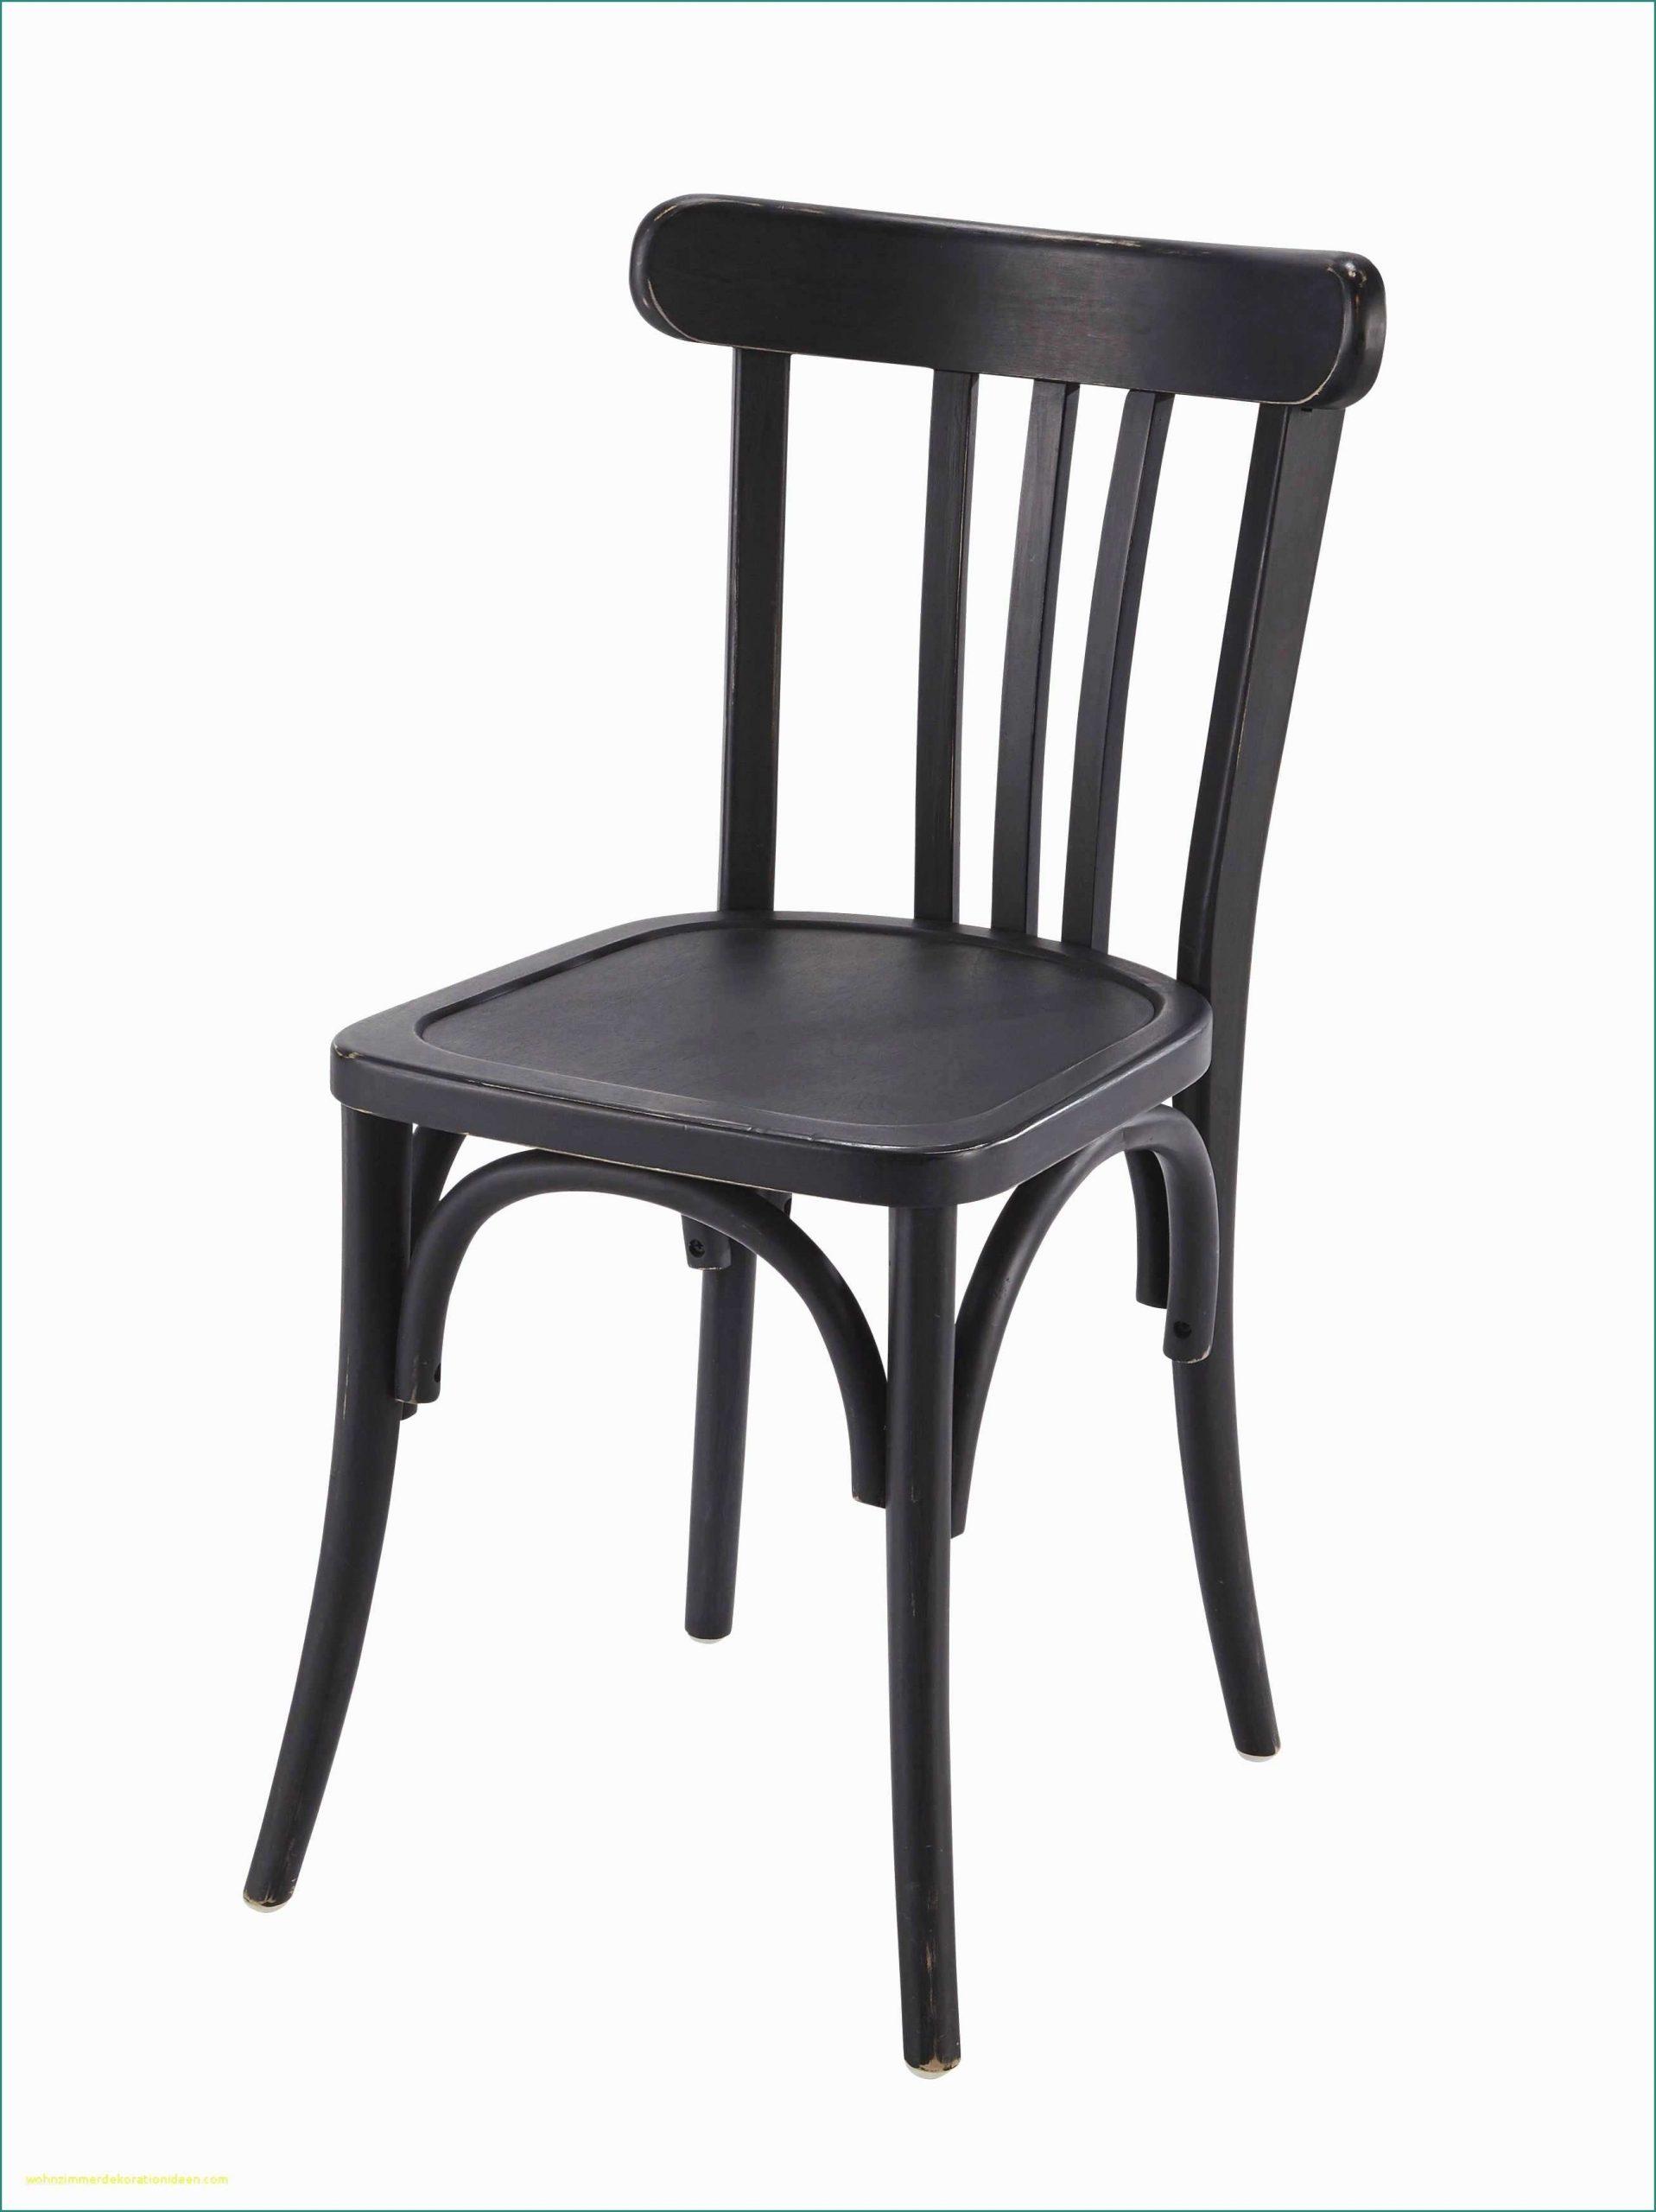 Full Size of Ikea Liegestuhl Seergonomiche E Barhocker Und Andere Hocker Von Moerteens Miniküche Küche Kosten Betten Bei Sofa Mit Schlaffunktion Garten Kaufen 160x200 Wohnzimmer Ikea Liegestuhl